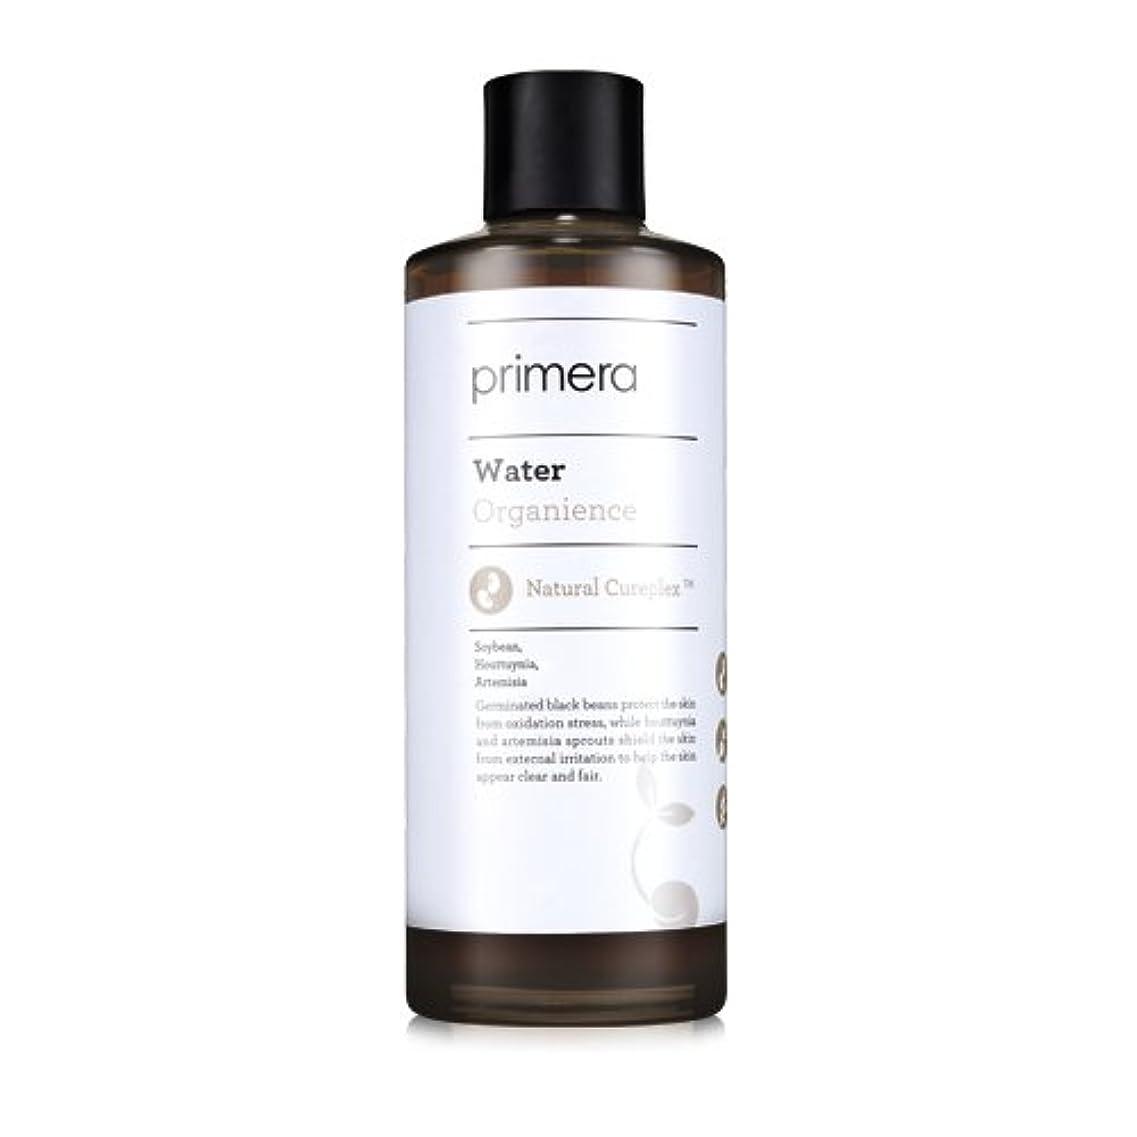 溶ける噴水宿題をするPRIMERA プリメラ オーガニエンス エマルジョン(Organience Emulsion)乳液 150ml